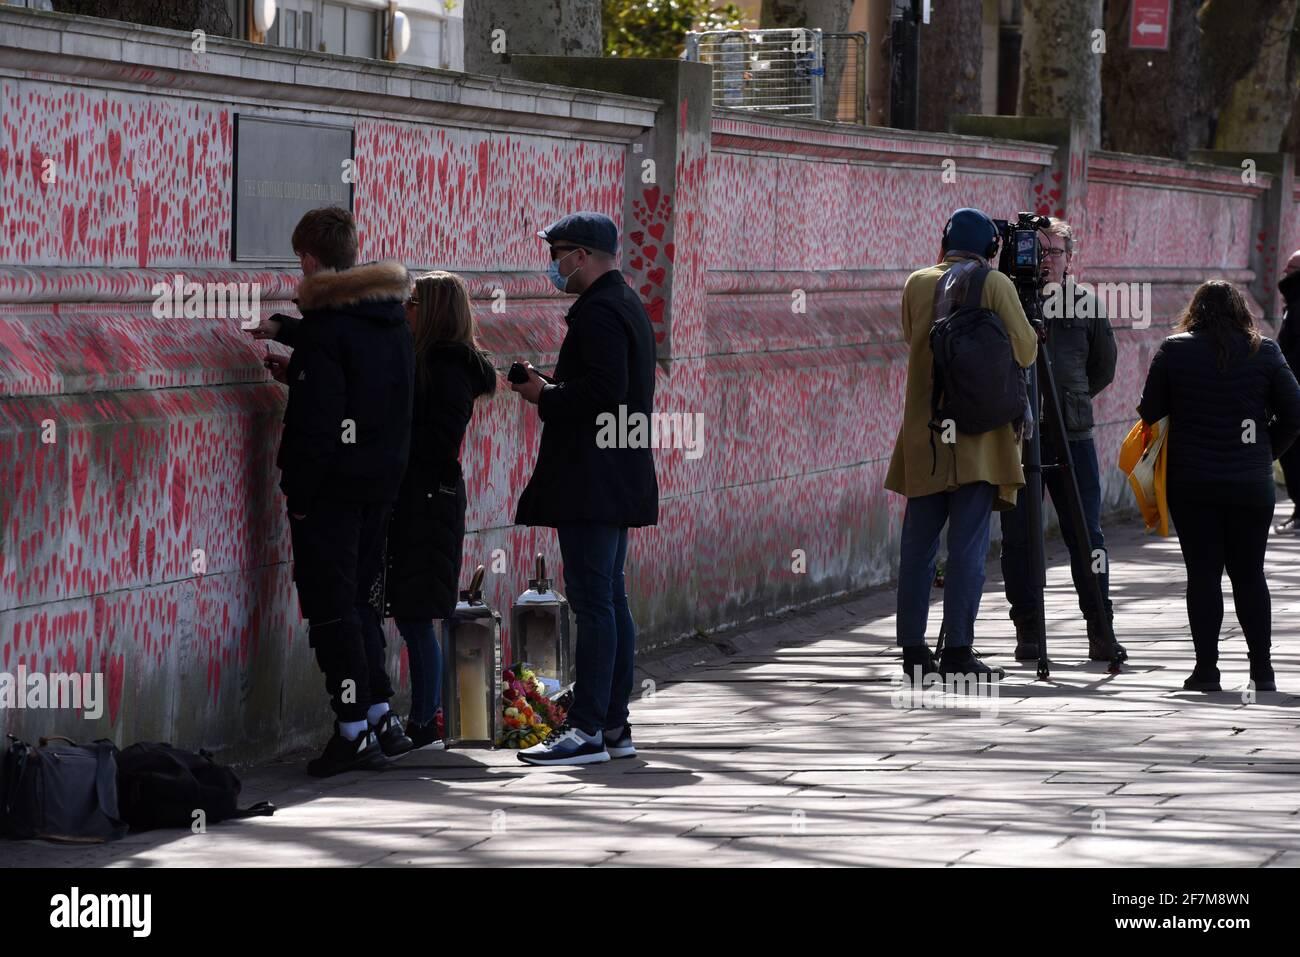 Londra, 2021 aprile: Il National Covid Memorial Wall fuori St Thomas' Hospital sul percorso Albert Embankment vicino al Tamigi a Londra Foto Stock